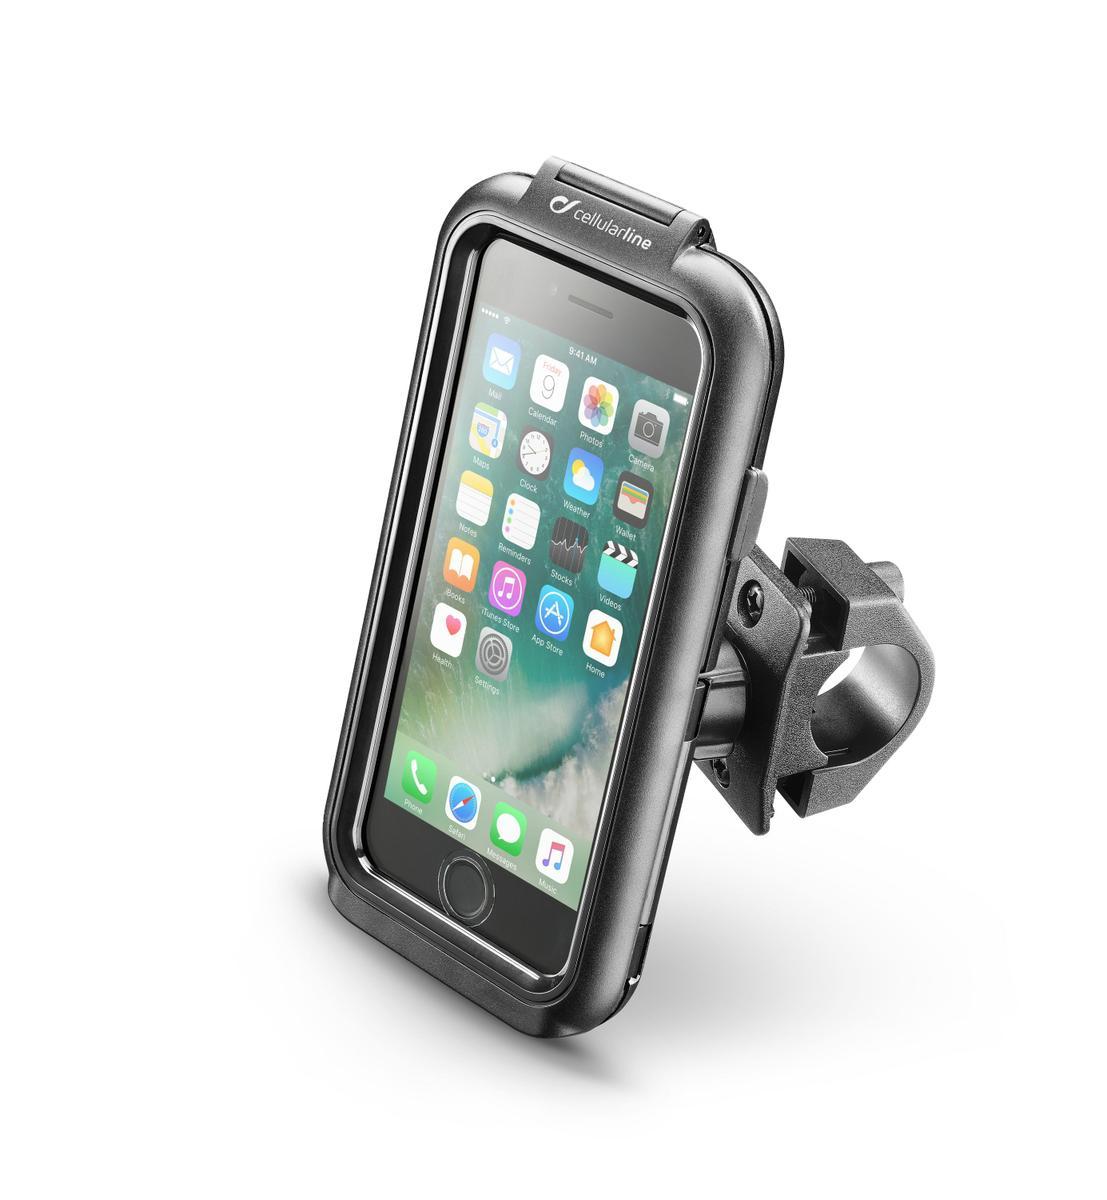 Supporto moto dedicato iPhone7®